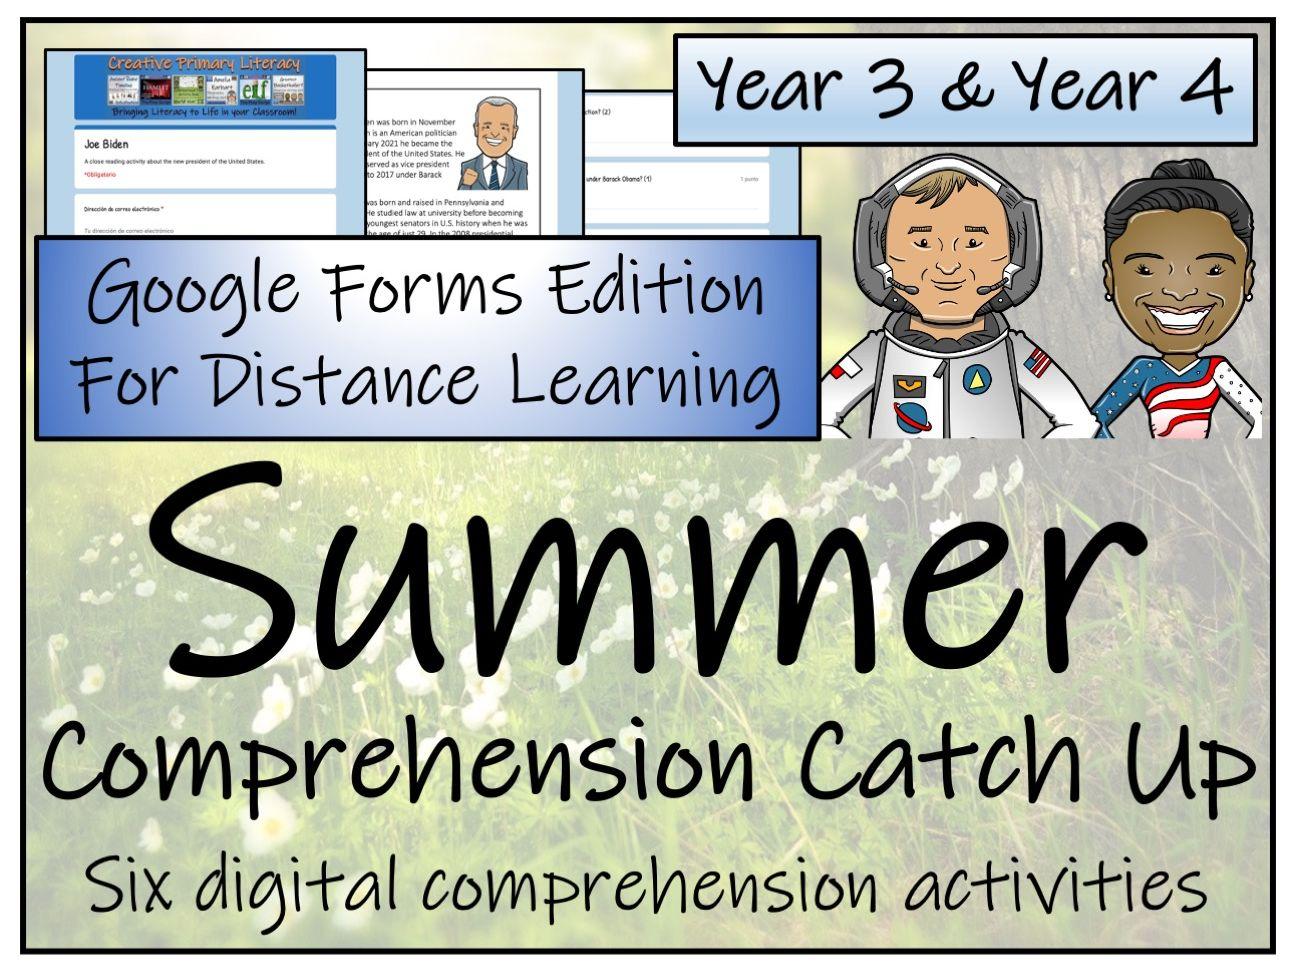 LKS2 Summer Catch Up Comprehension Activity Bundle   Digital & Print